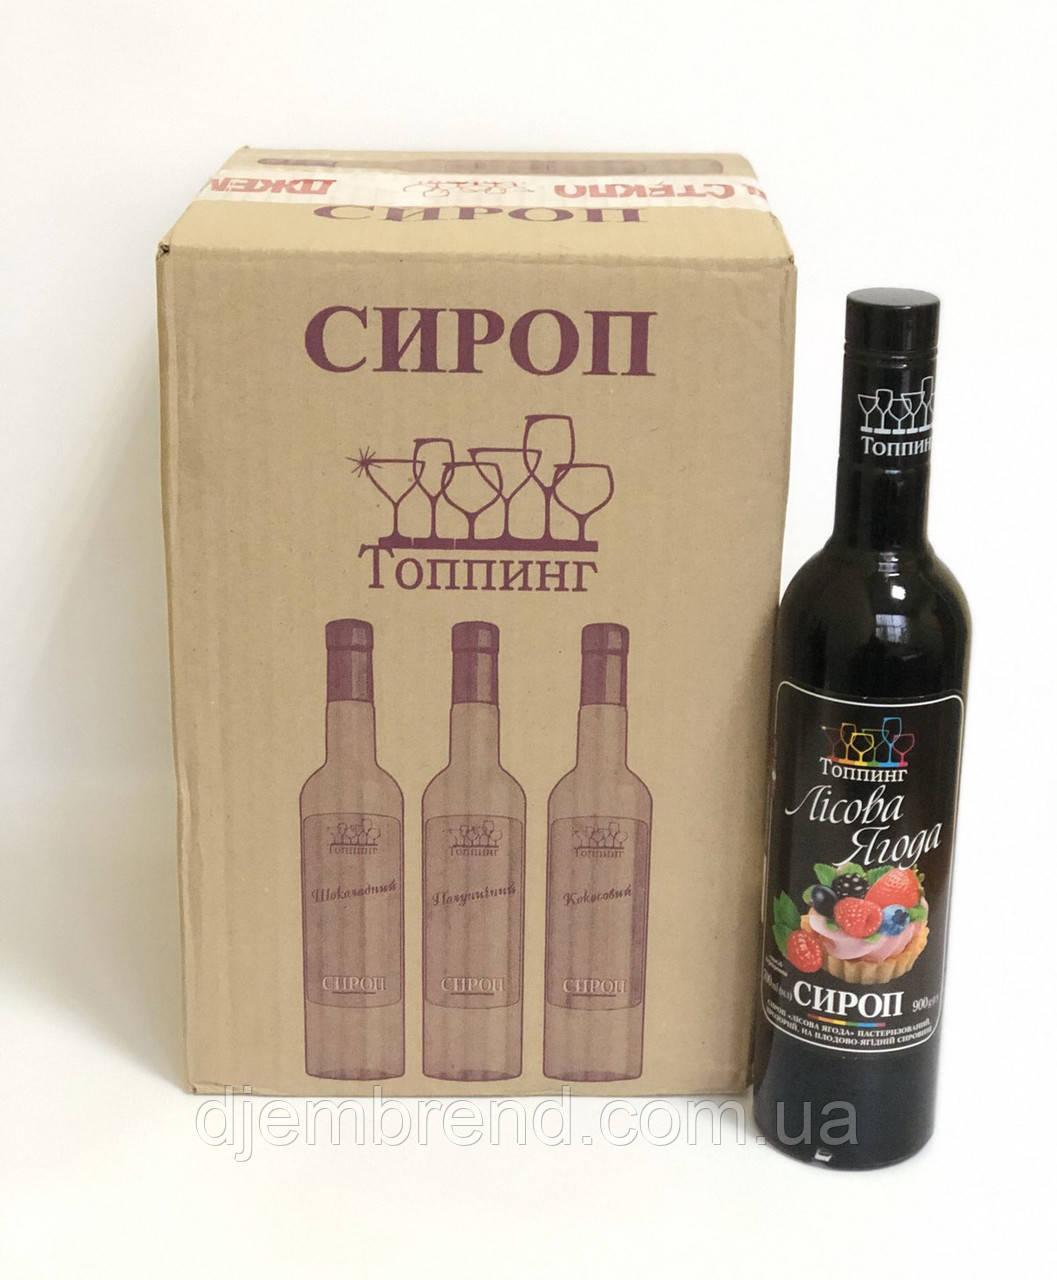 Сироп Лесная ягода ТМ Топпинг, для кофе и коктейлей коробка 9 шт. Цена 59 грн/шт.